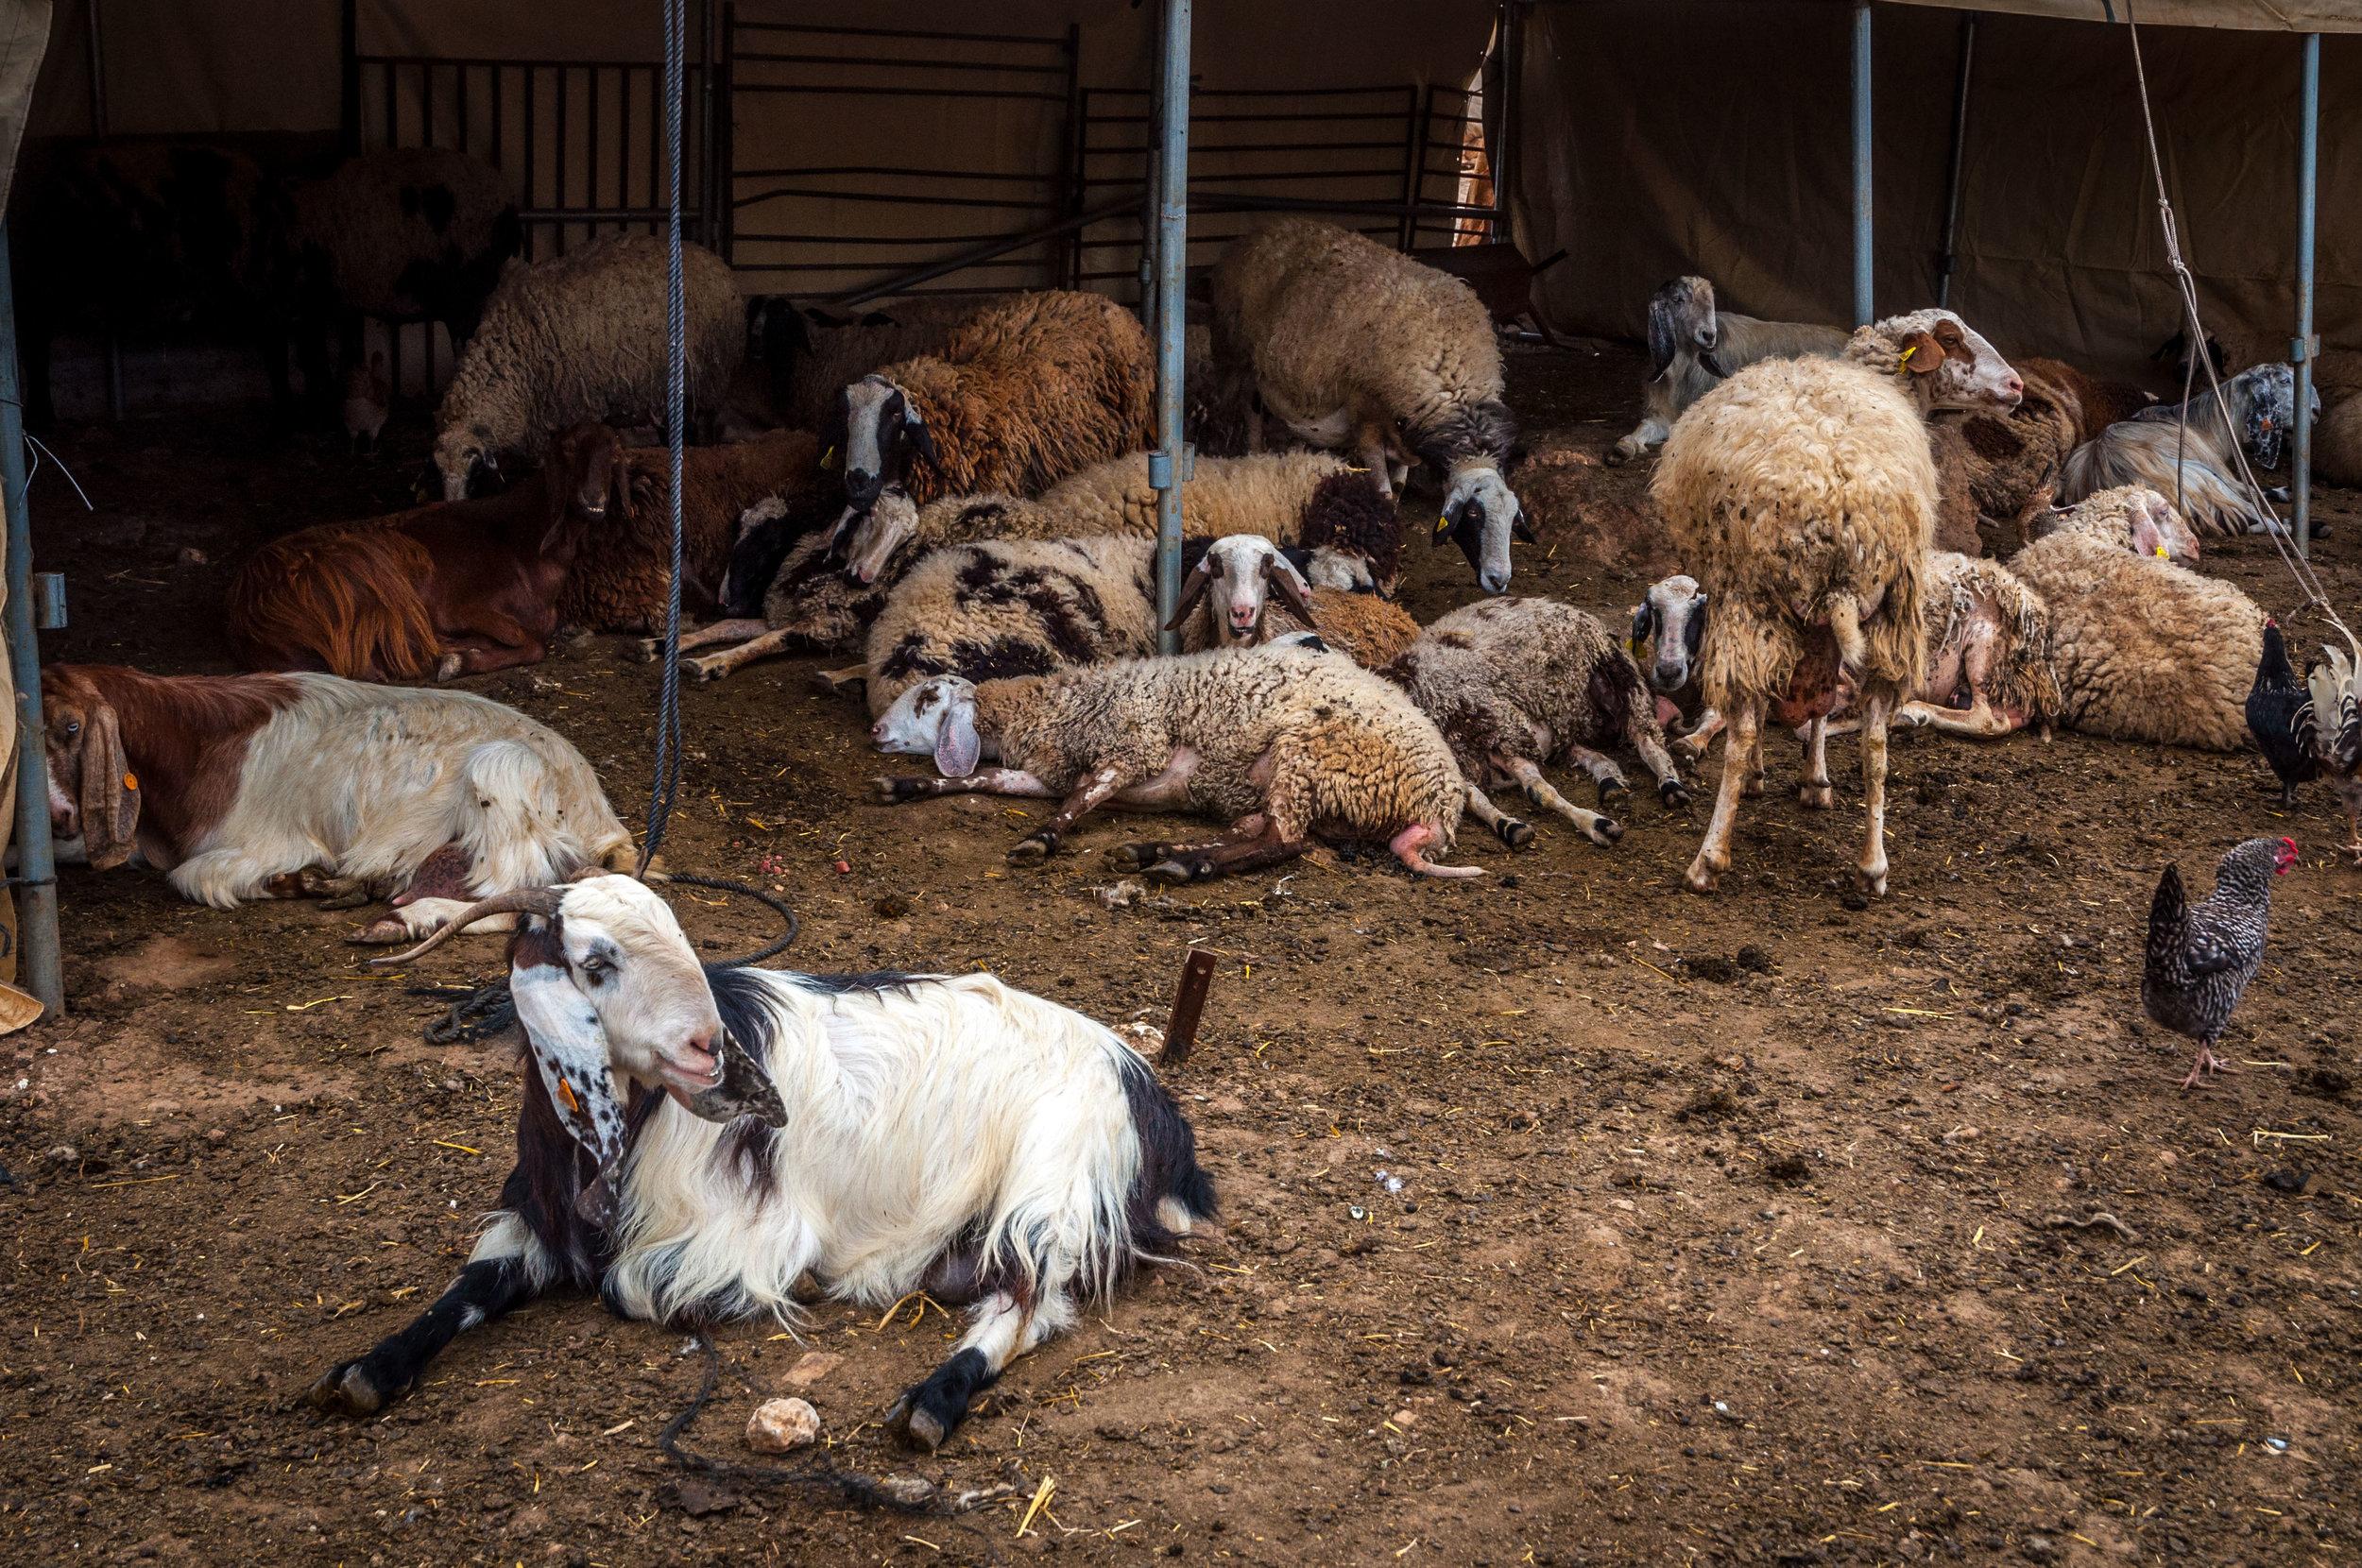 Goats being goats.